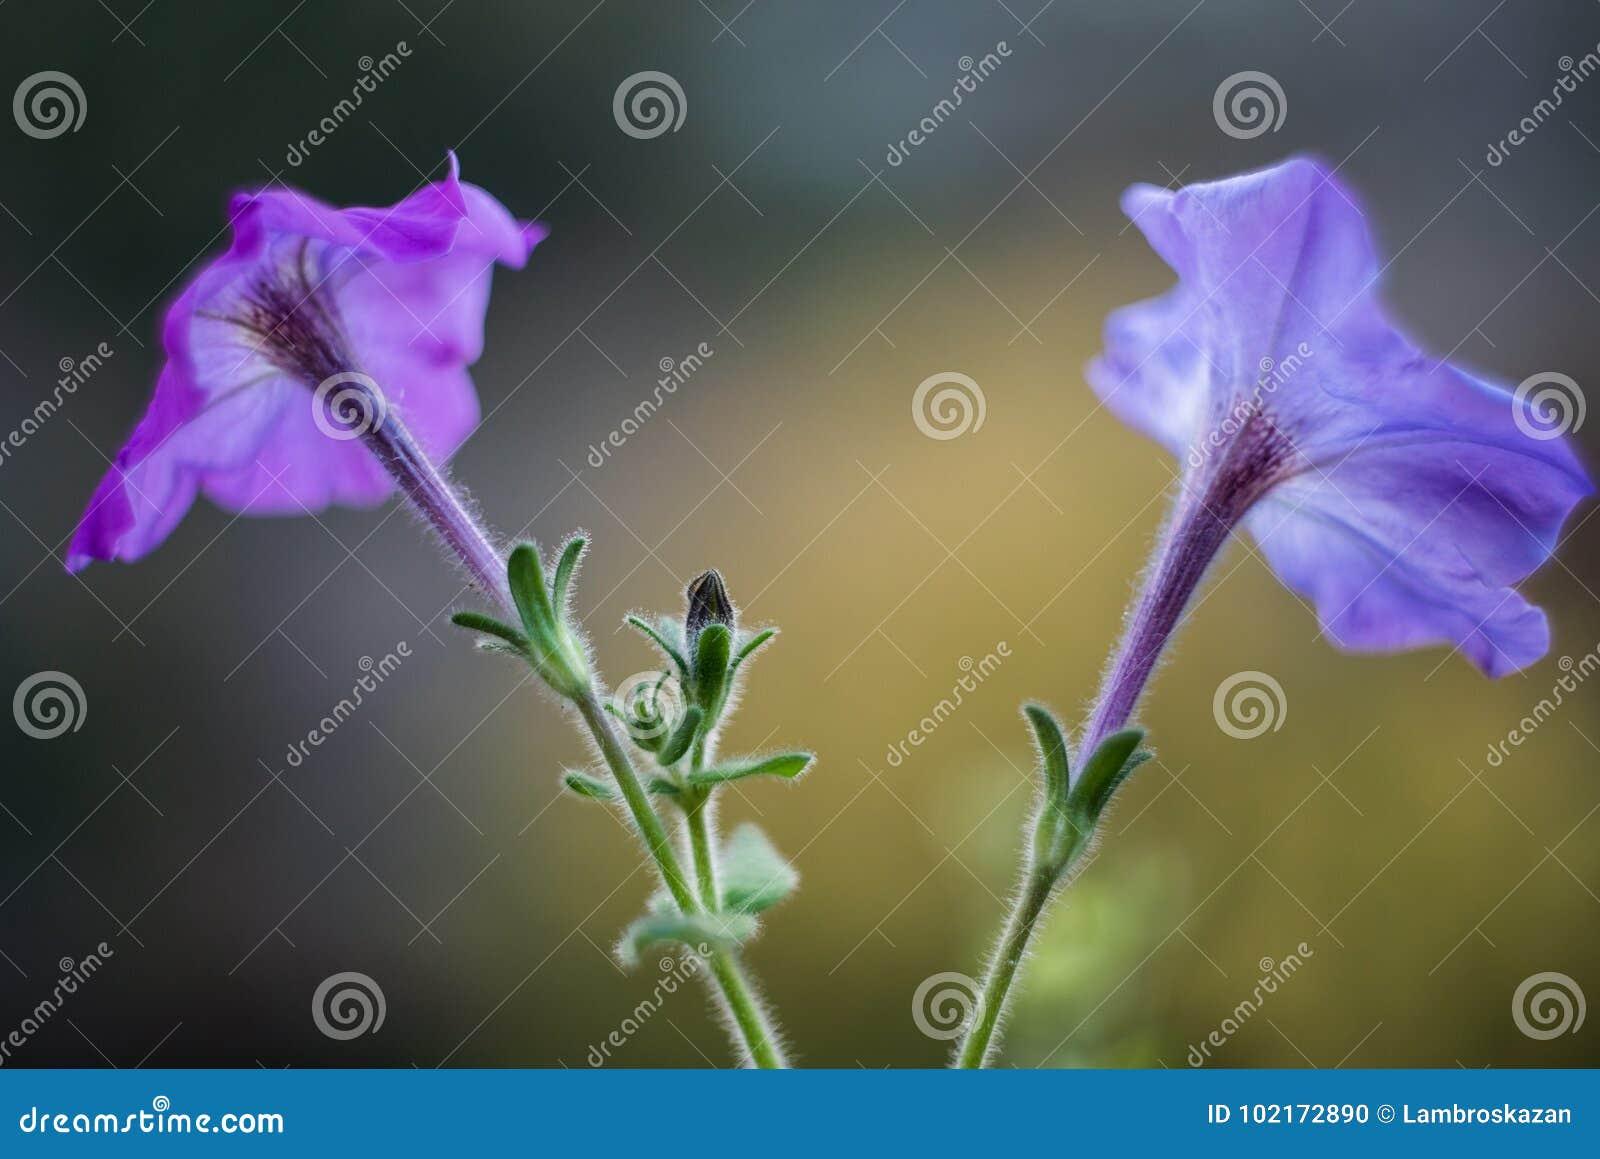 Lilan blommar Retro stilskott med grund avdelning av fältet